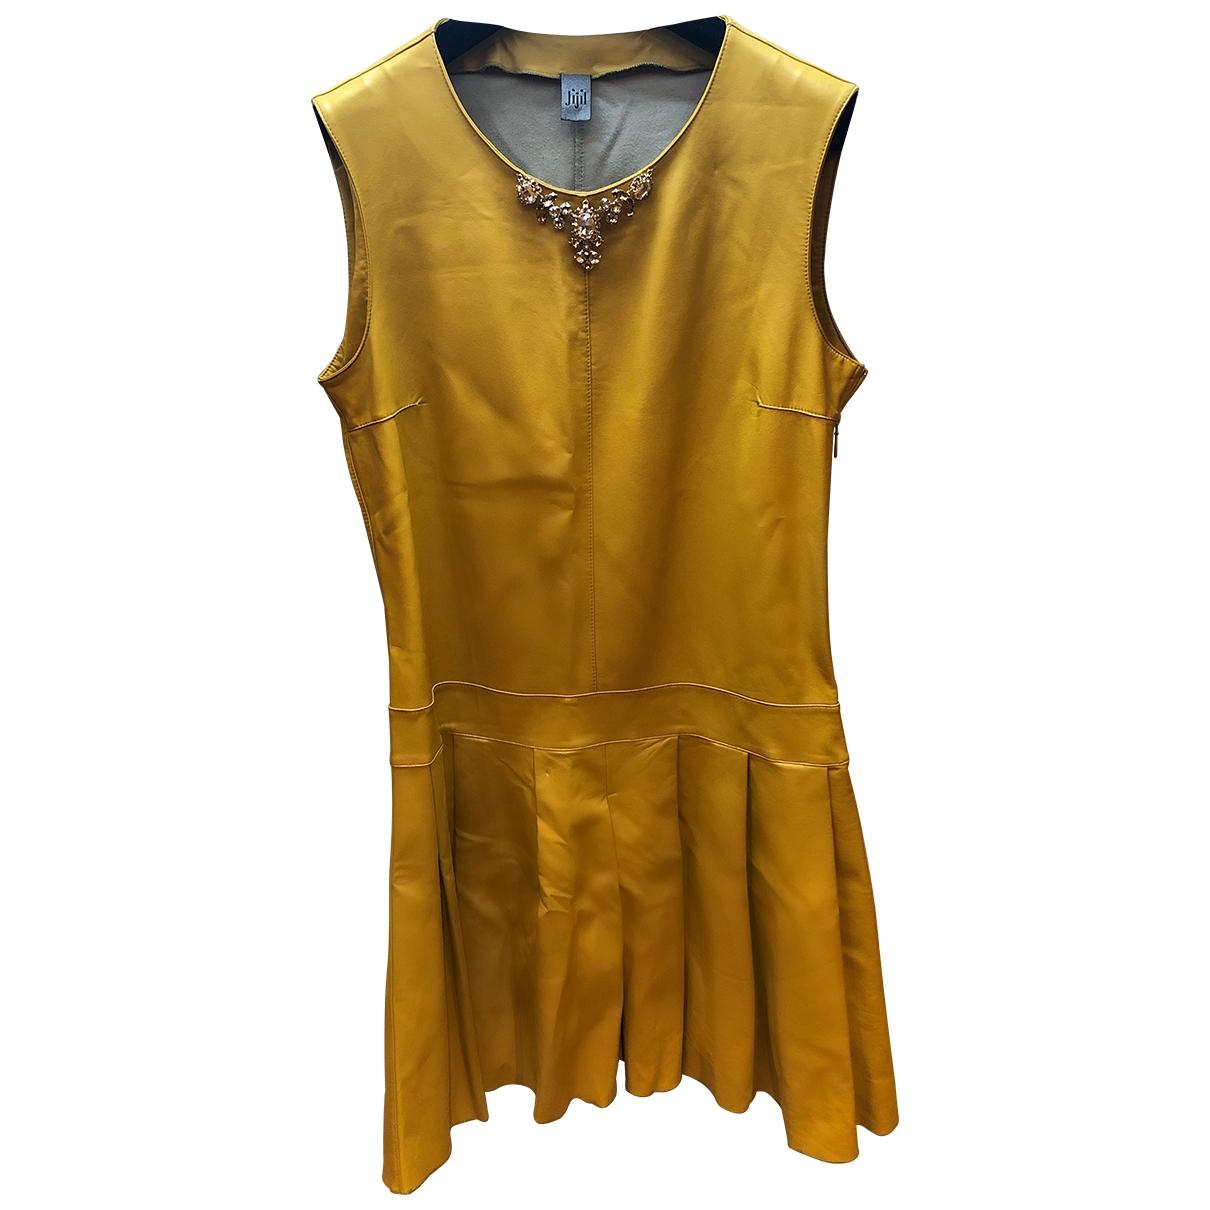 Vestido Jijil